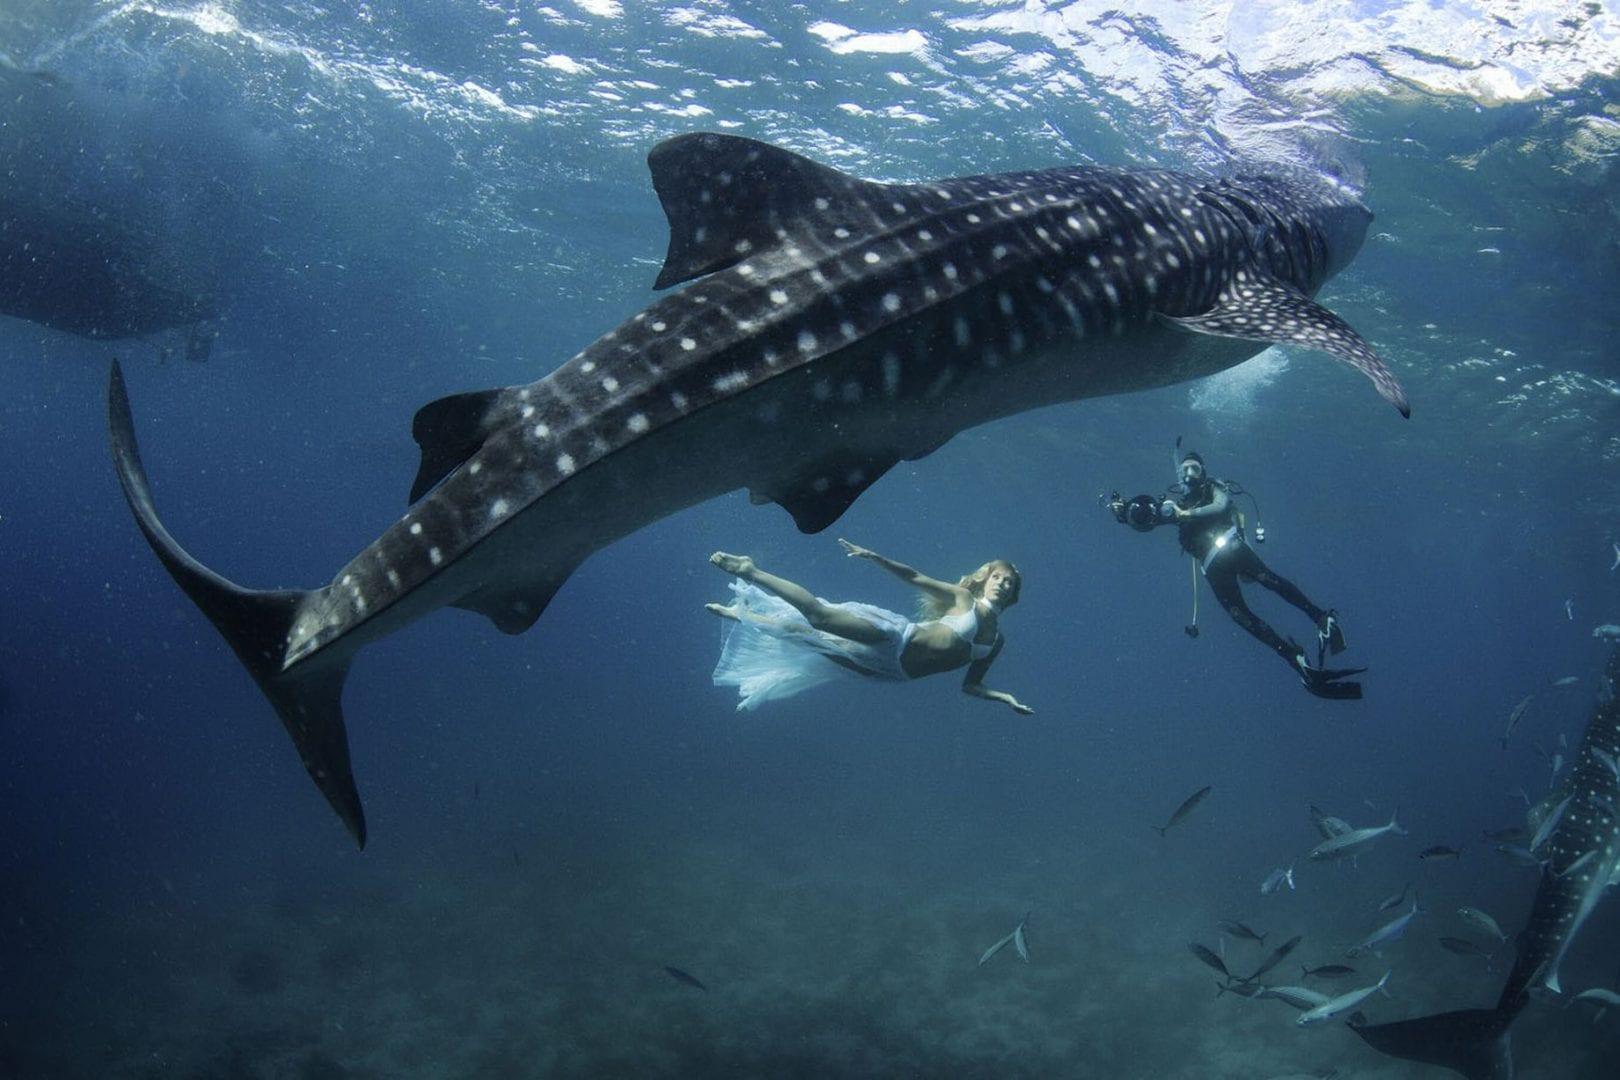 Cação e tubarão - São a mesma coisa ou existem diferenças?